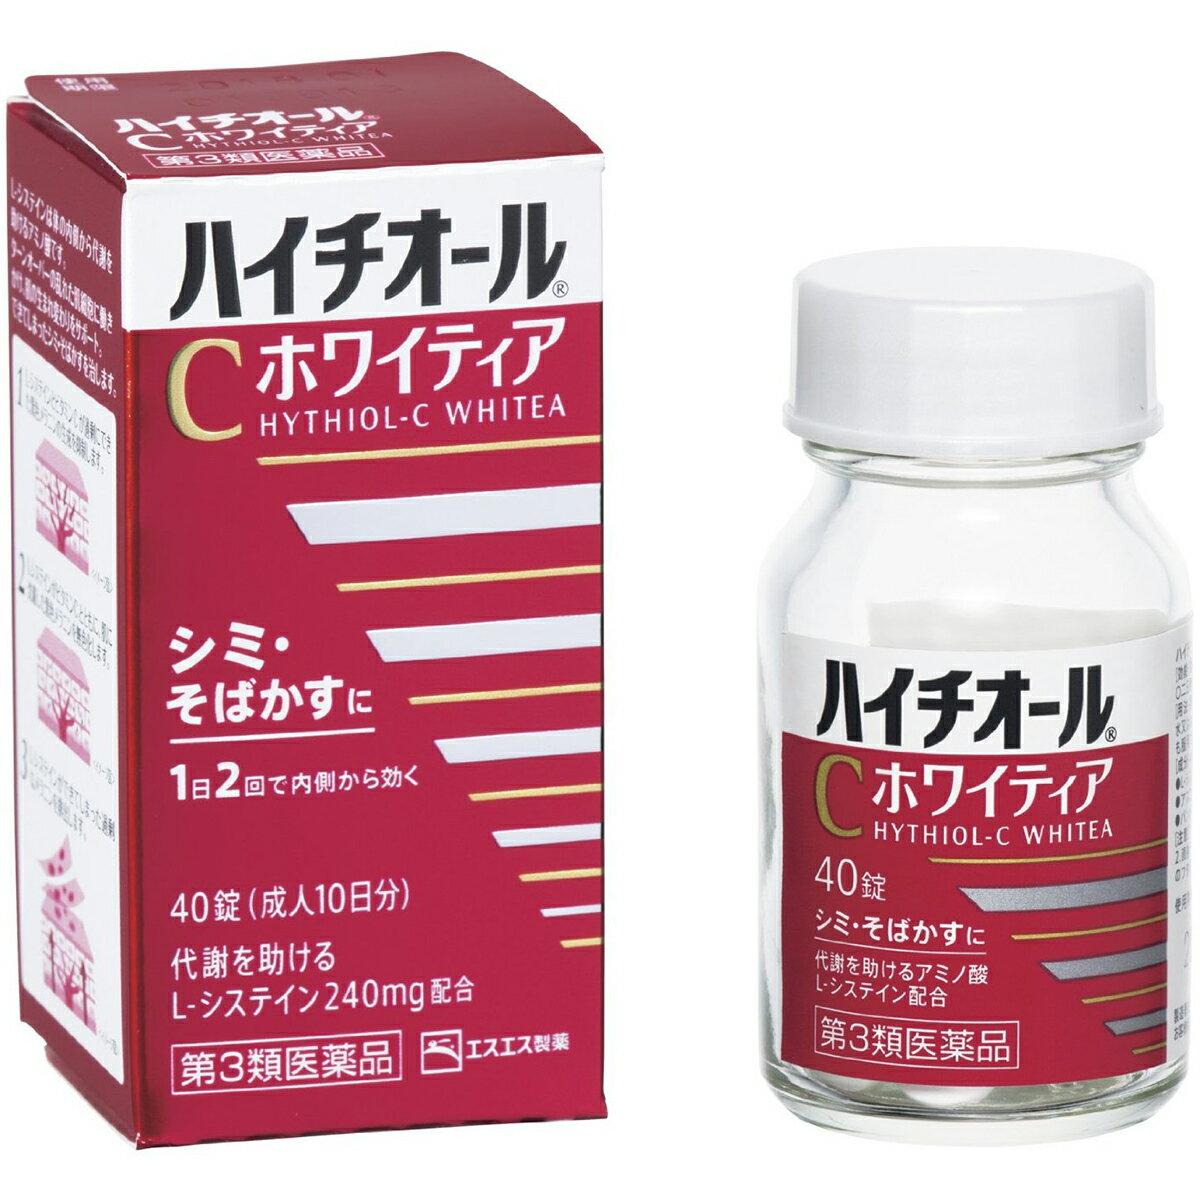 【第3類医薬品】【本日楽天ポイント5倍相当】エスエス製薬株式会社 ハイチオールCホワイティア 40錠<代謝を助けるL-システイン(アミノ酸)240mg+ビタミンC。1日2回>(この商品は注文後のキャンセルができません)【RCP】